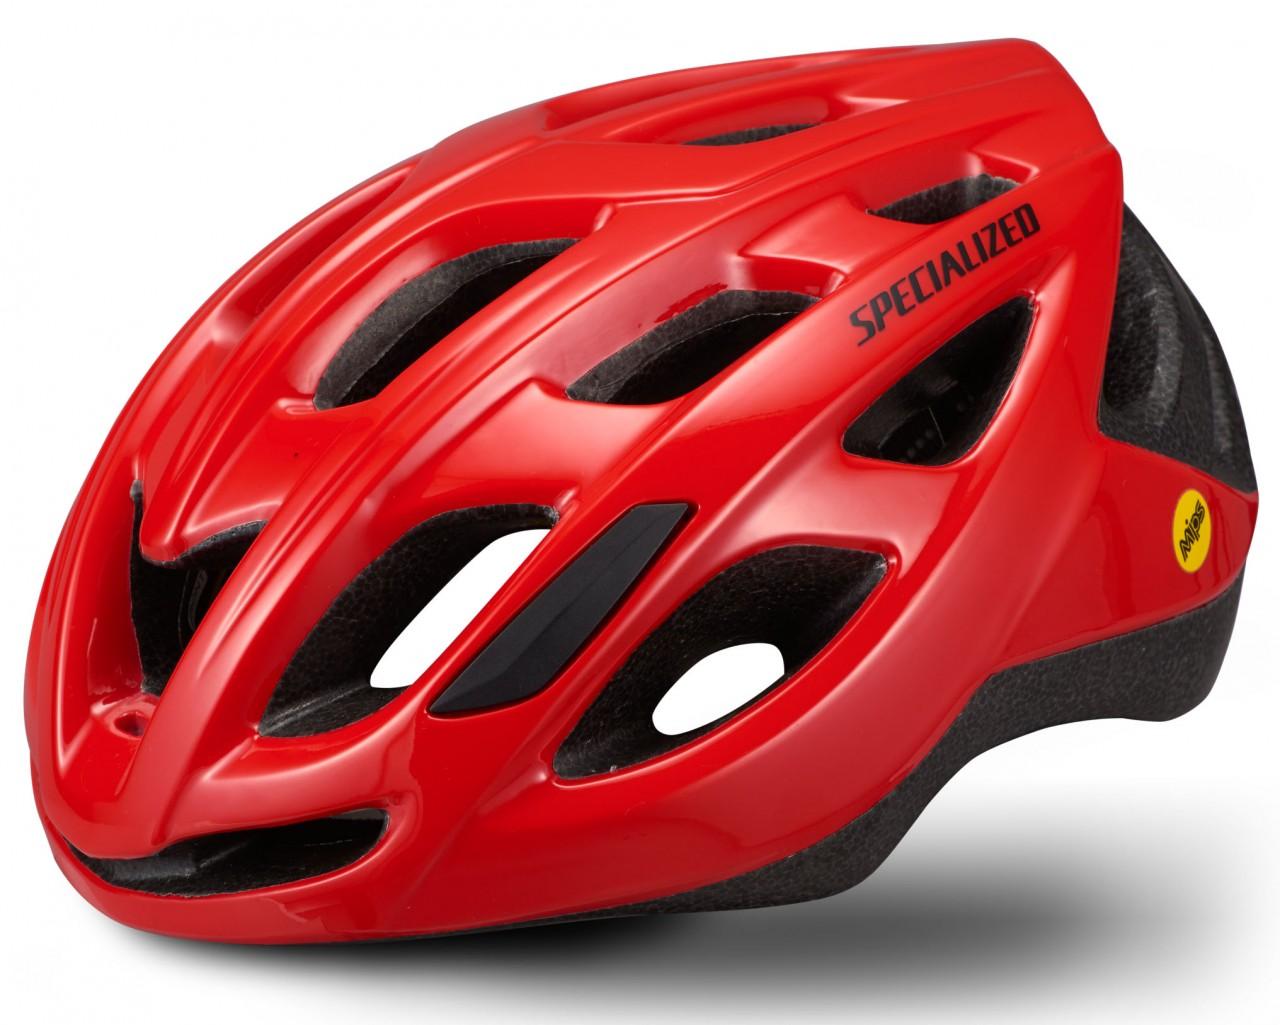 Specialized Chamonix Road Bike Helmet   flo red